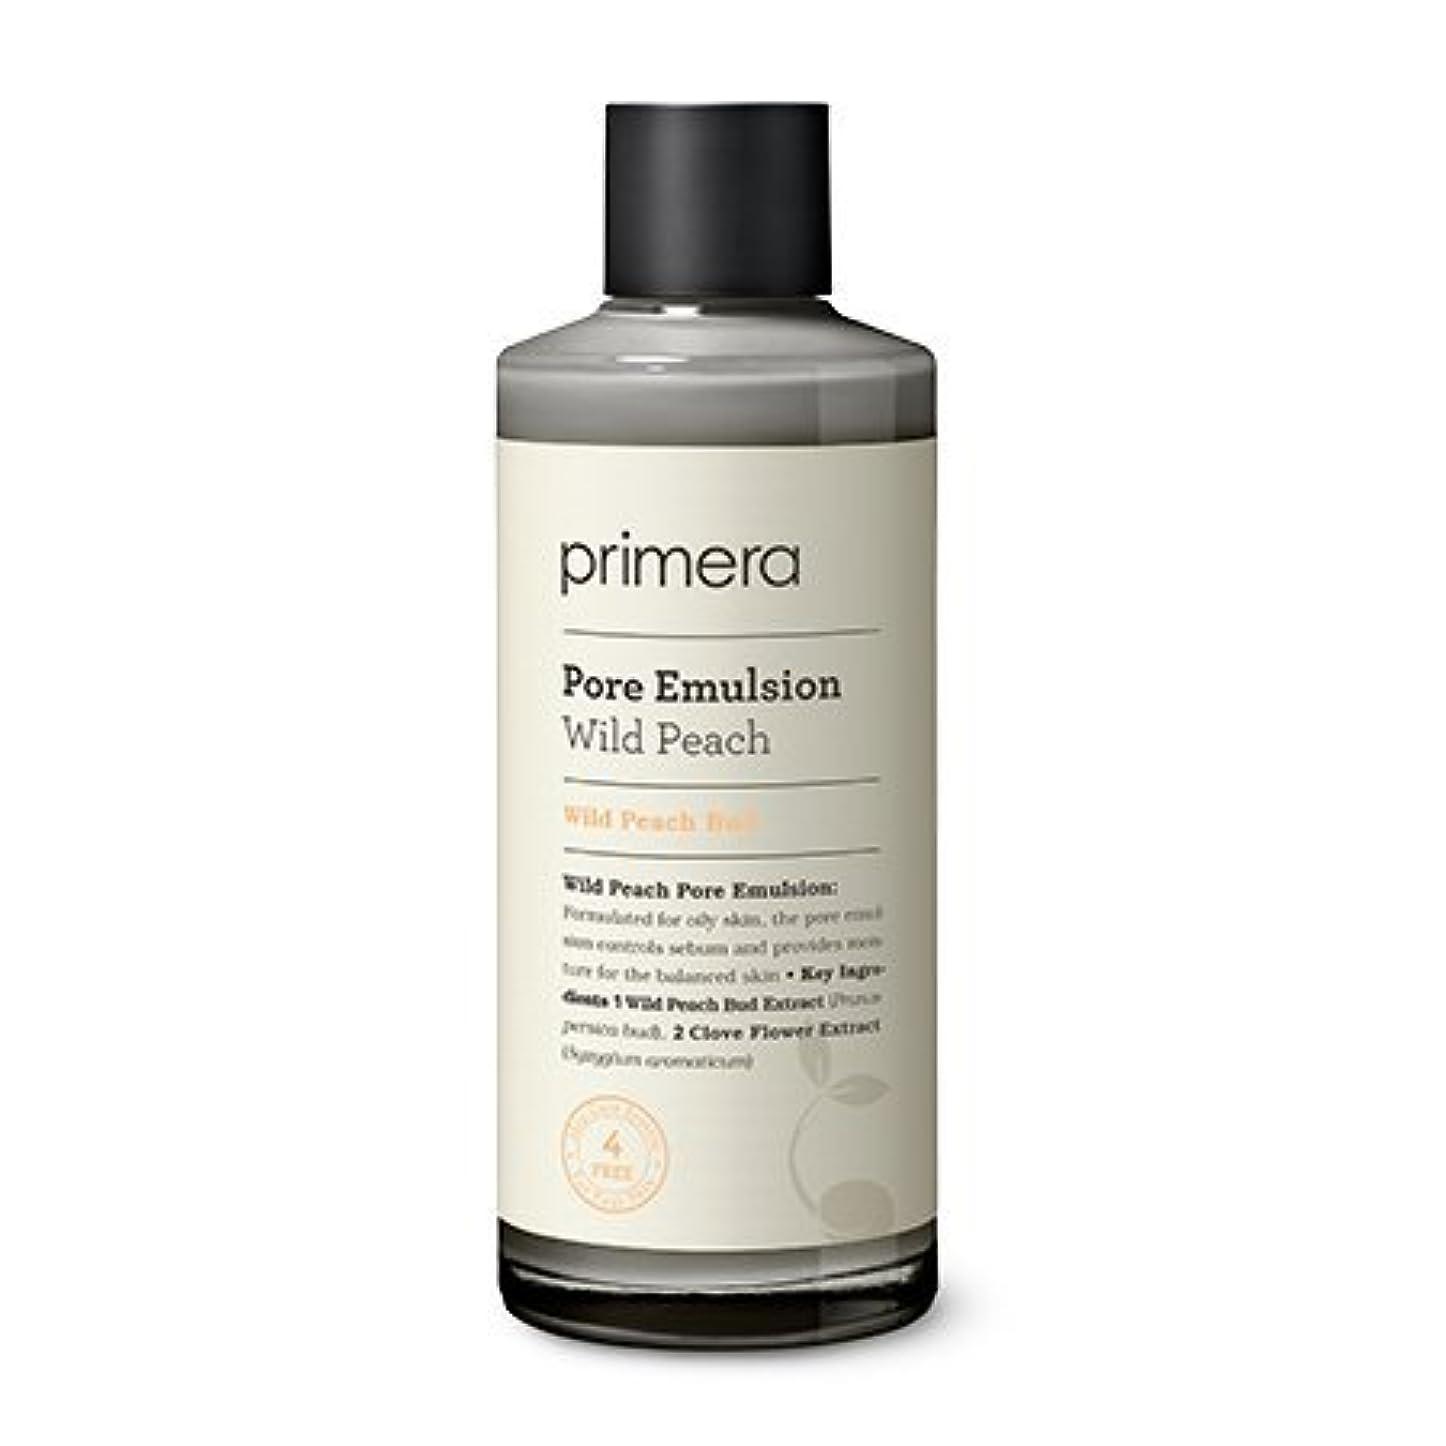 創傷ボウリングなに【Primera】Wild Peach Pore Emulsion - 150ml (韓国直送品) (SHOPPINGINSTAGRAM)